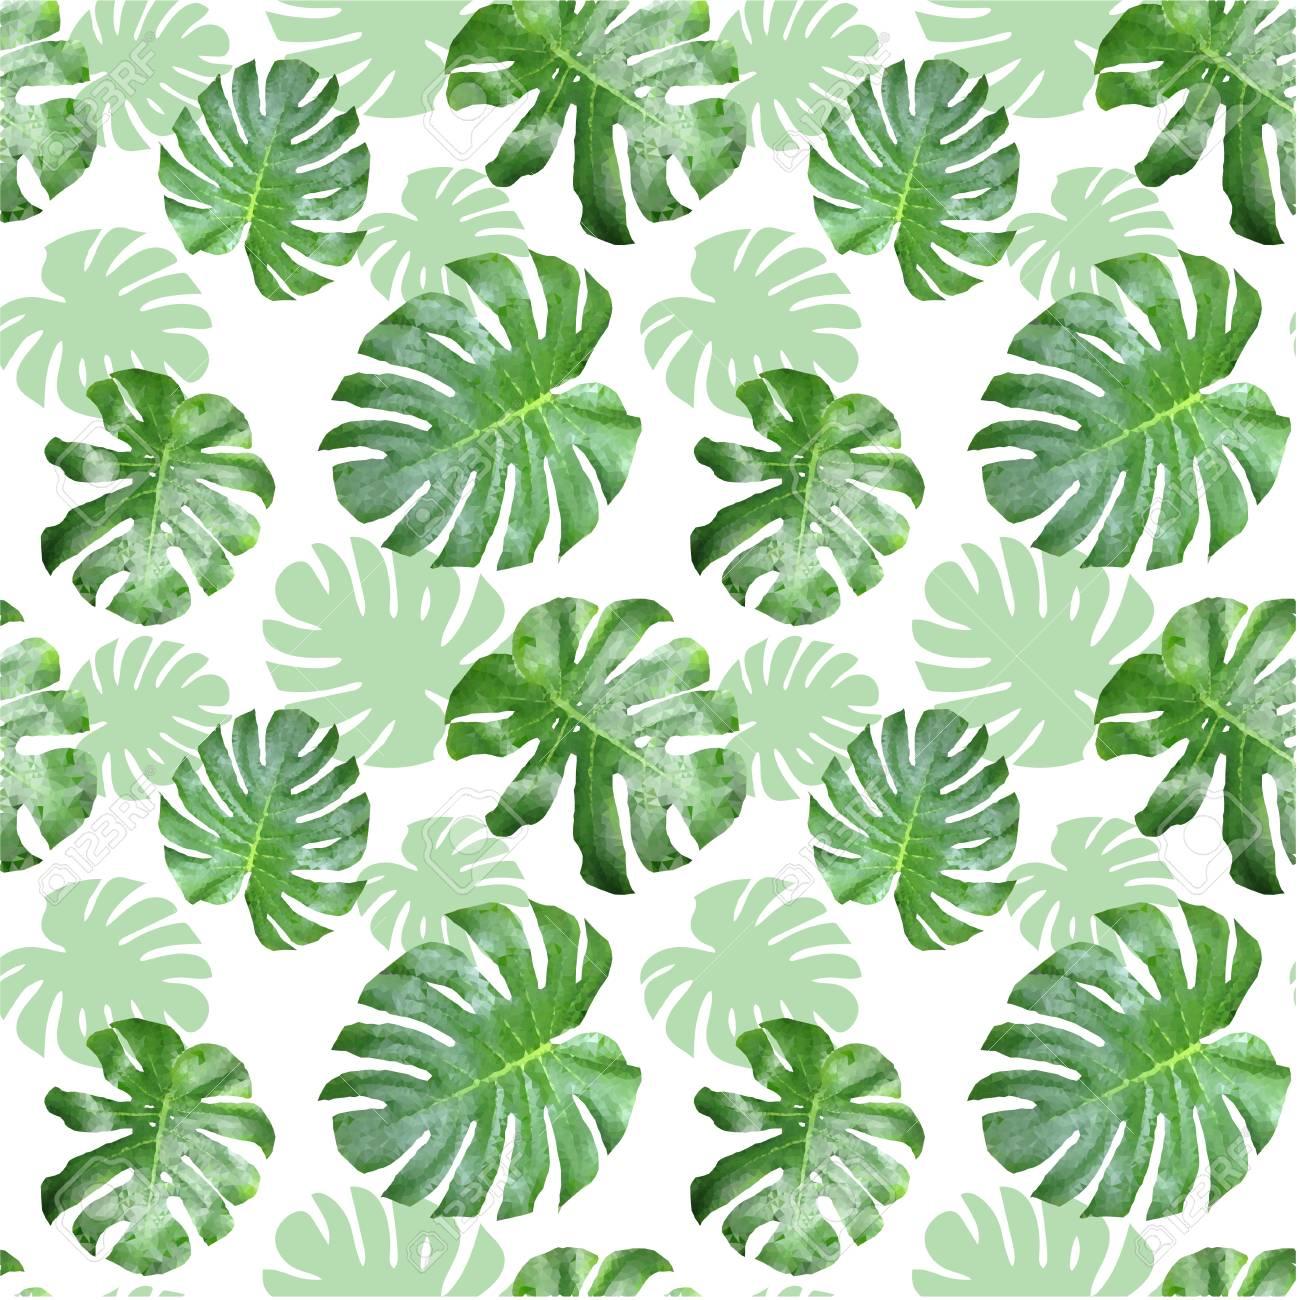 Polygones Tropicaux De Modele Sans Couture Feuille Verte Planter